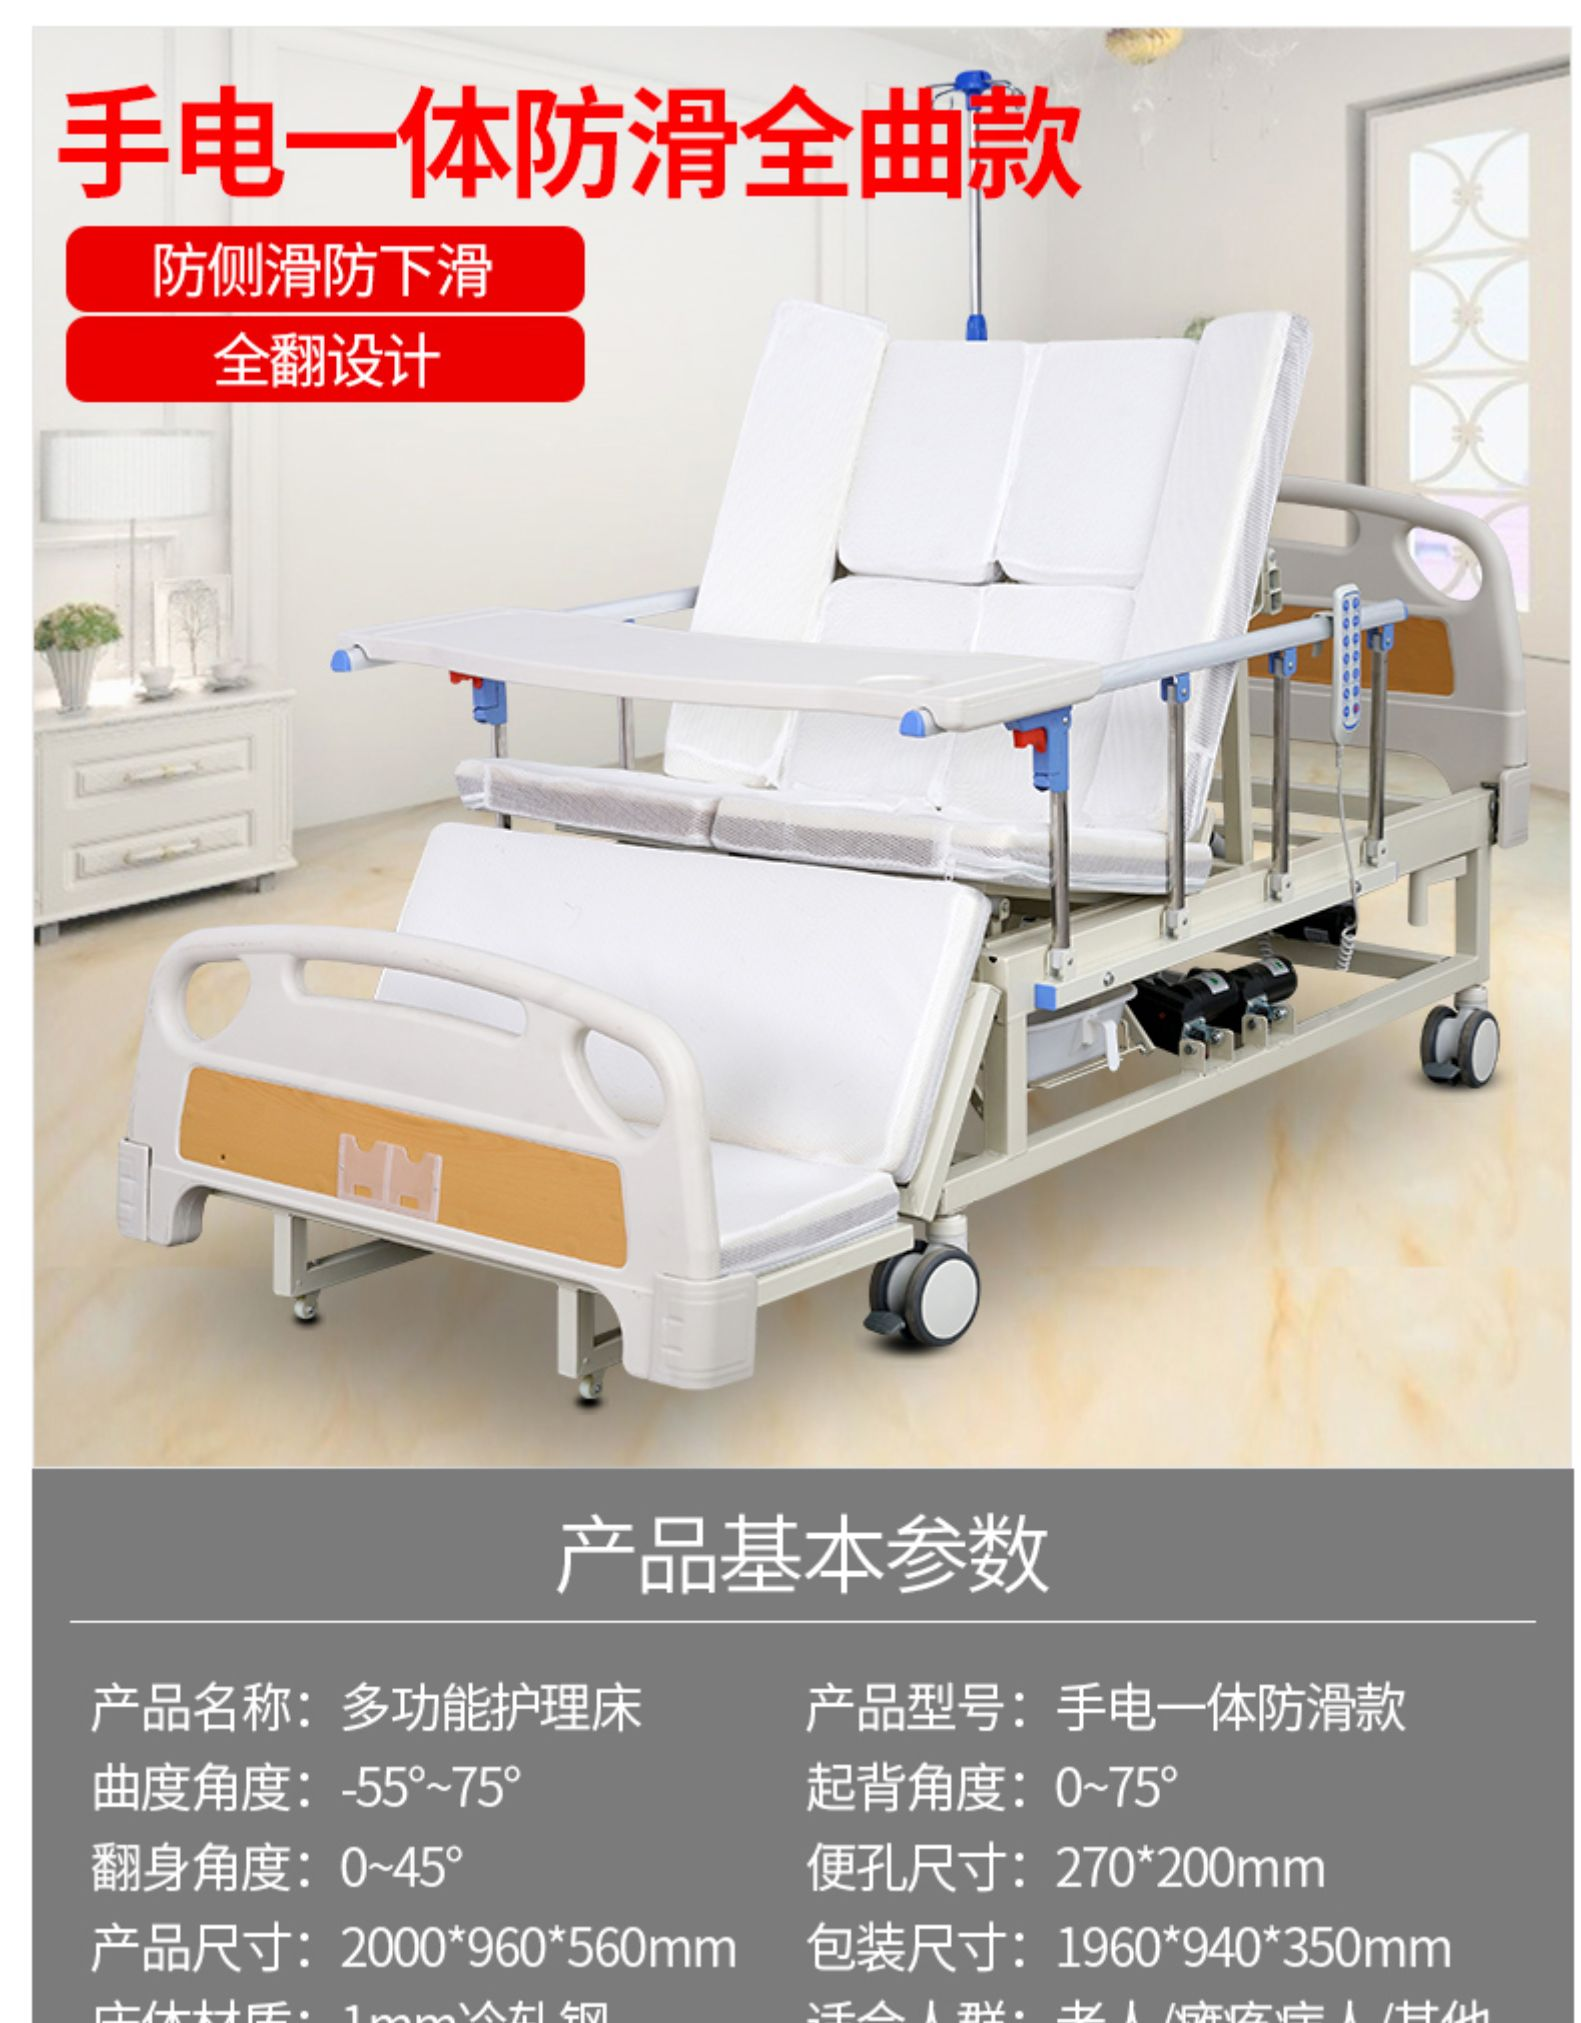 电动护理床家用多功能老人瘫痪病人全自动翻身医用医疗医院病床详细照片